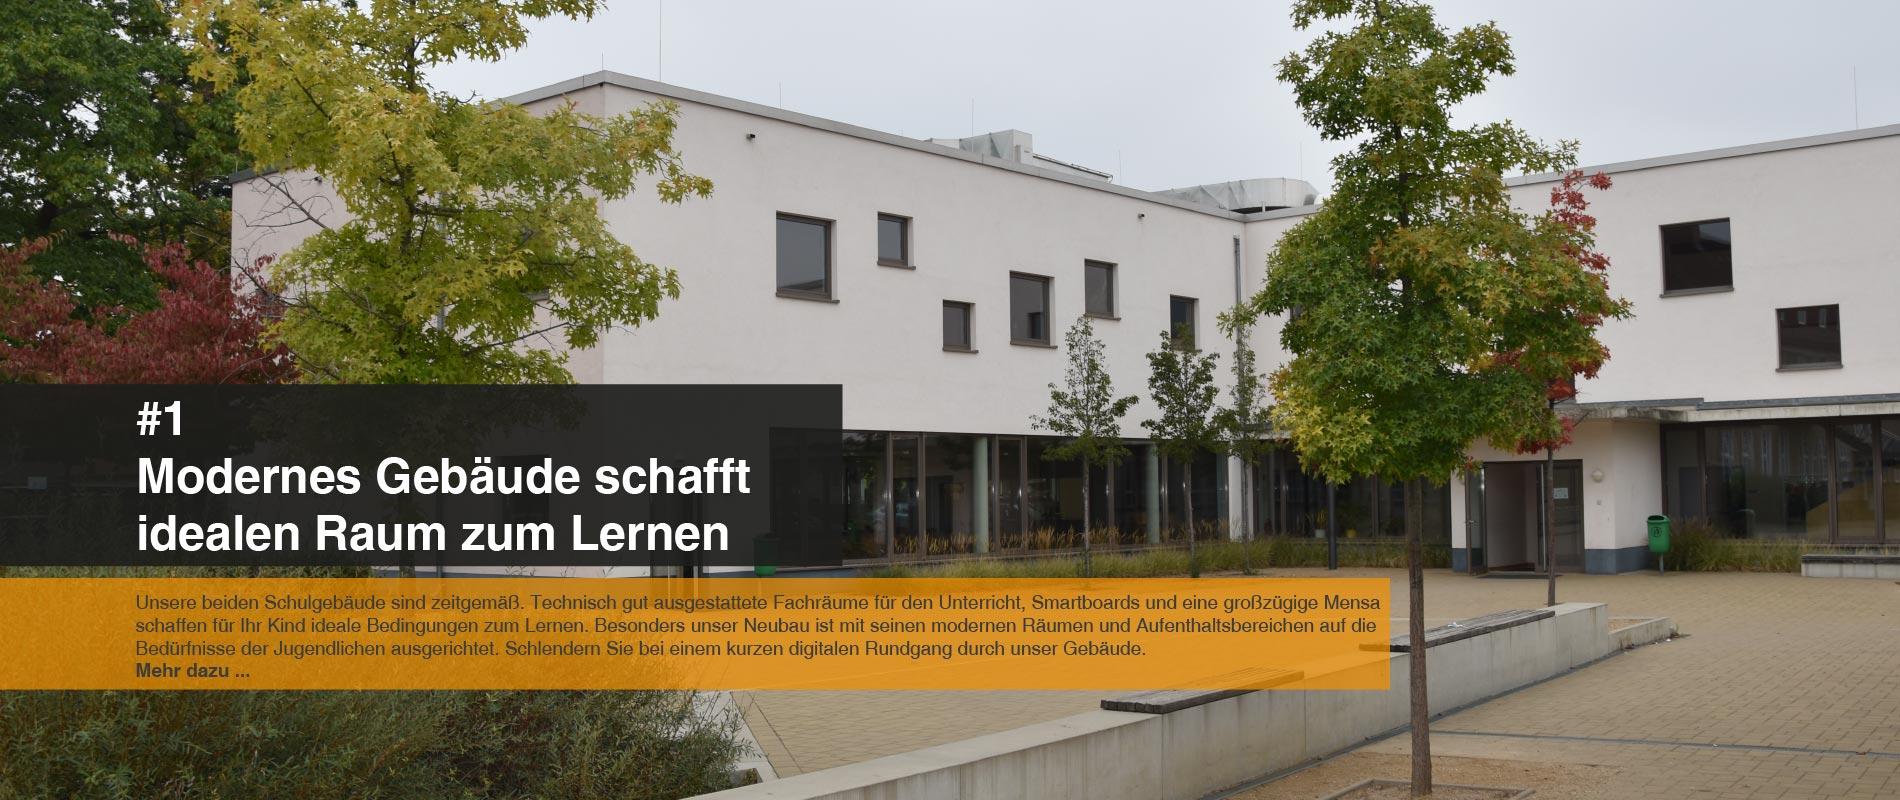 Gesamtschule Woltersdorf der FAWZ gGmbH_#1 Modernes Gebäude schafft idealen Raum zum Lernen